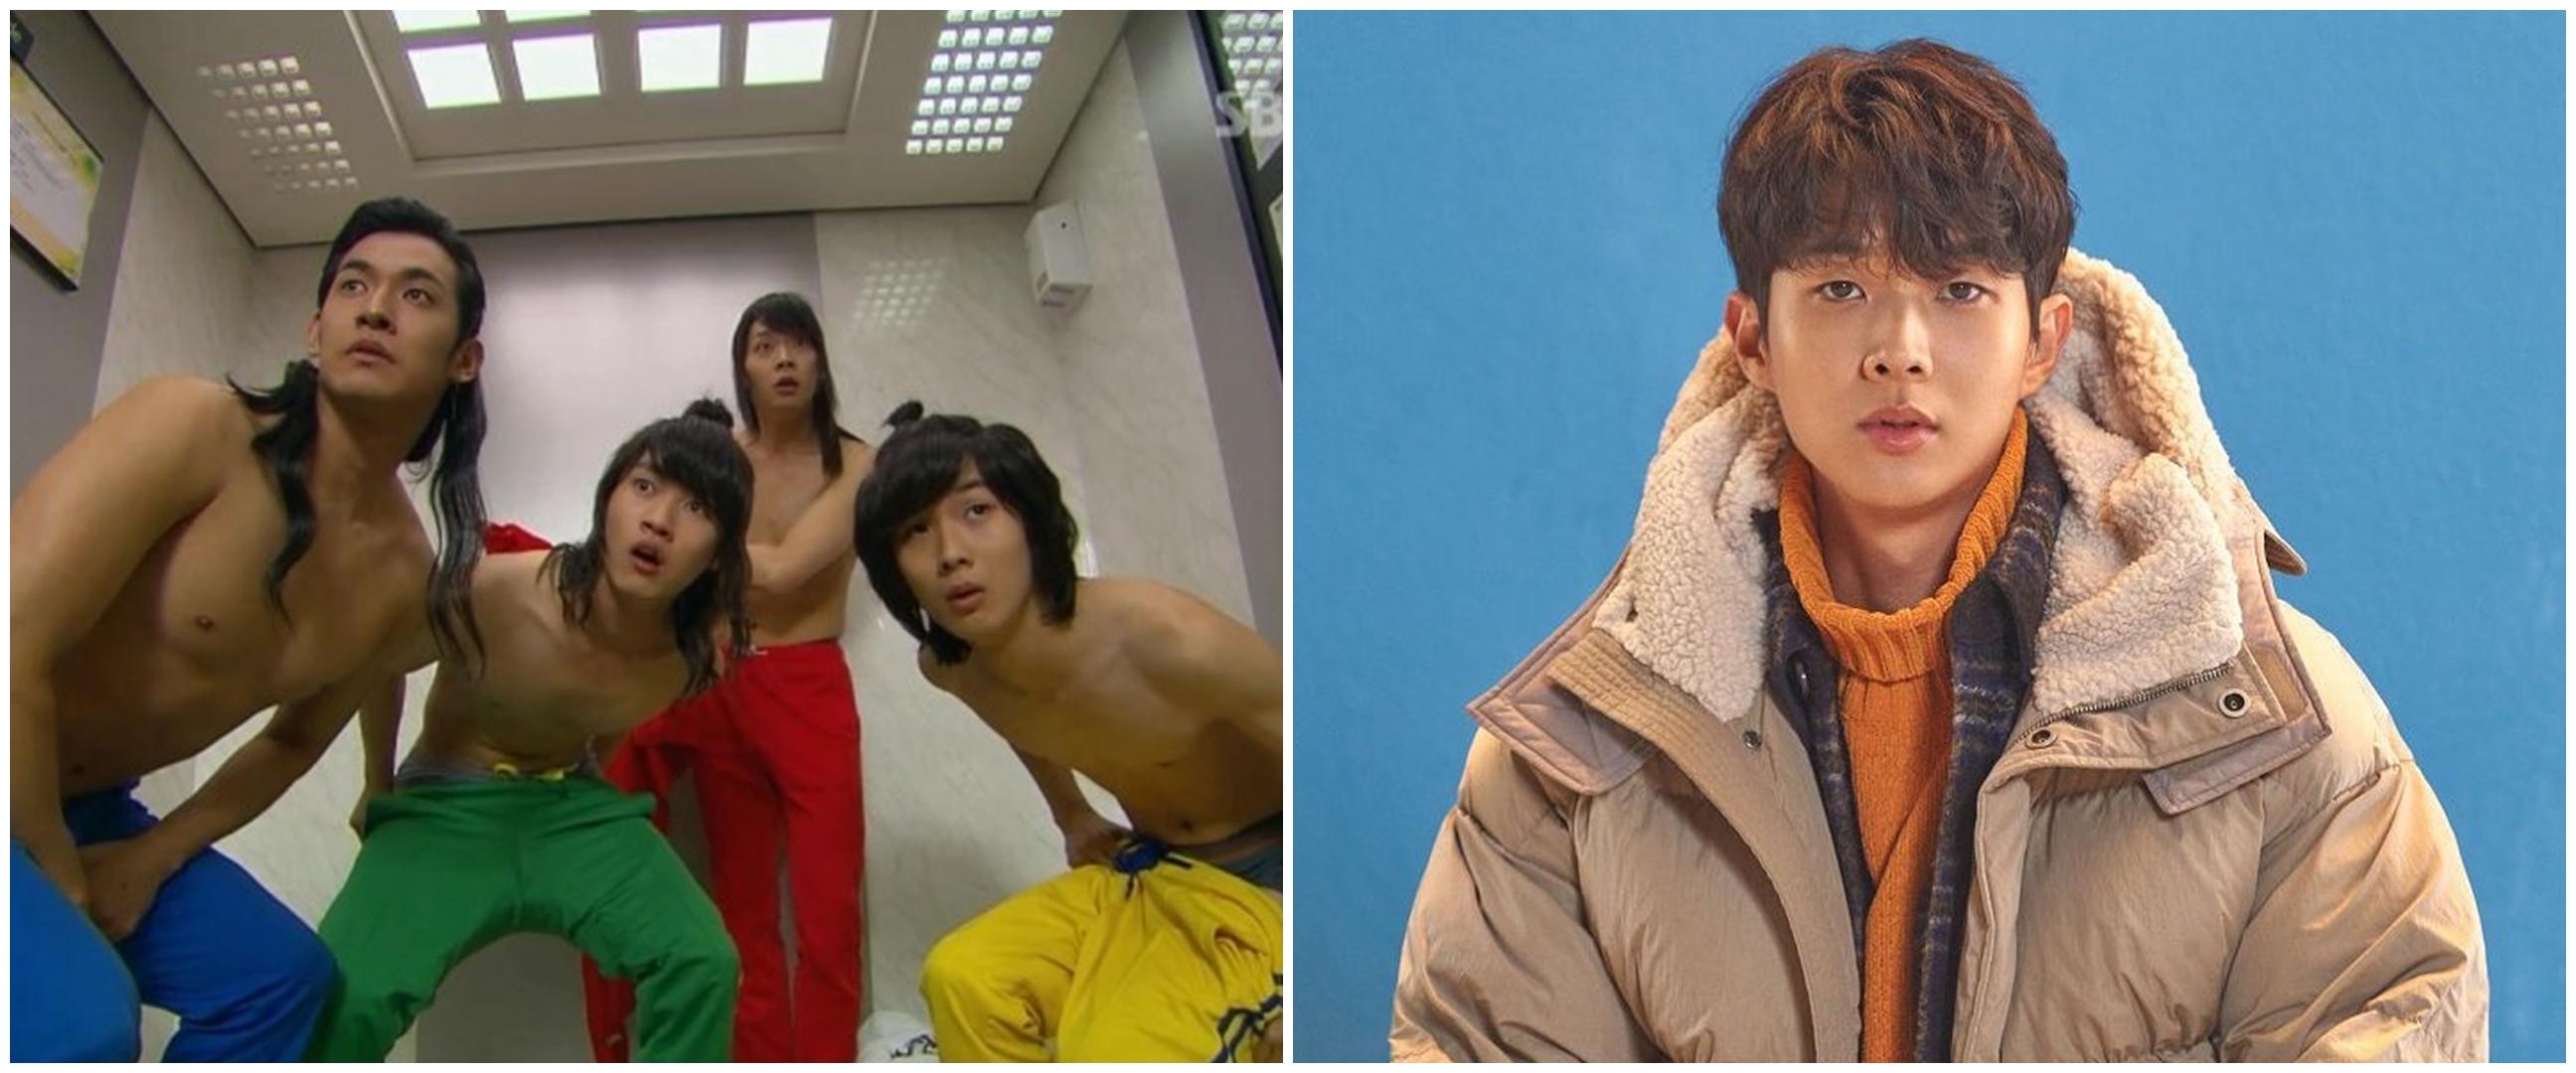 8 Film dan Drama Korea terbaik Choi Woo-shik pemain Parasite